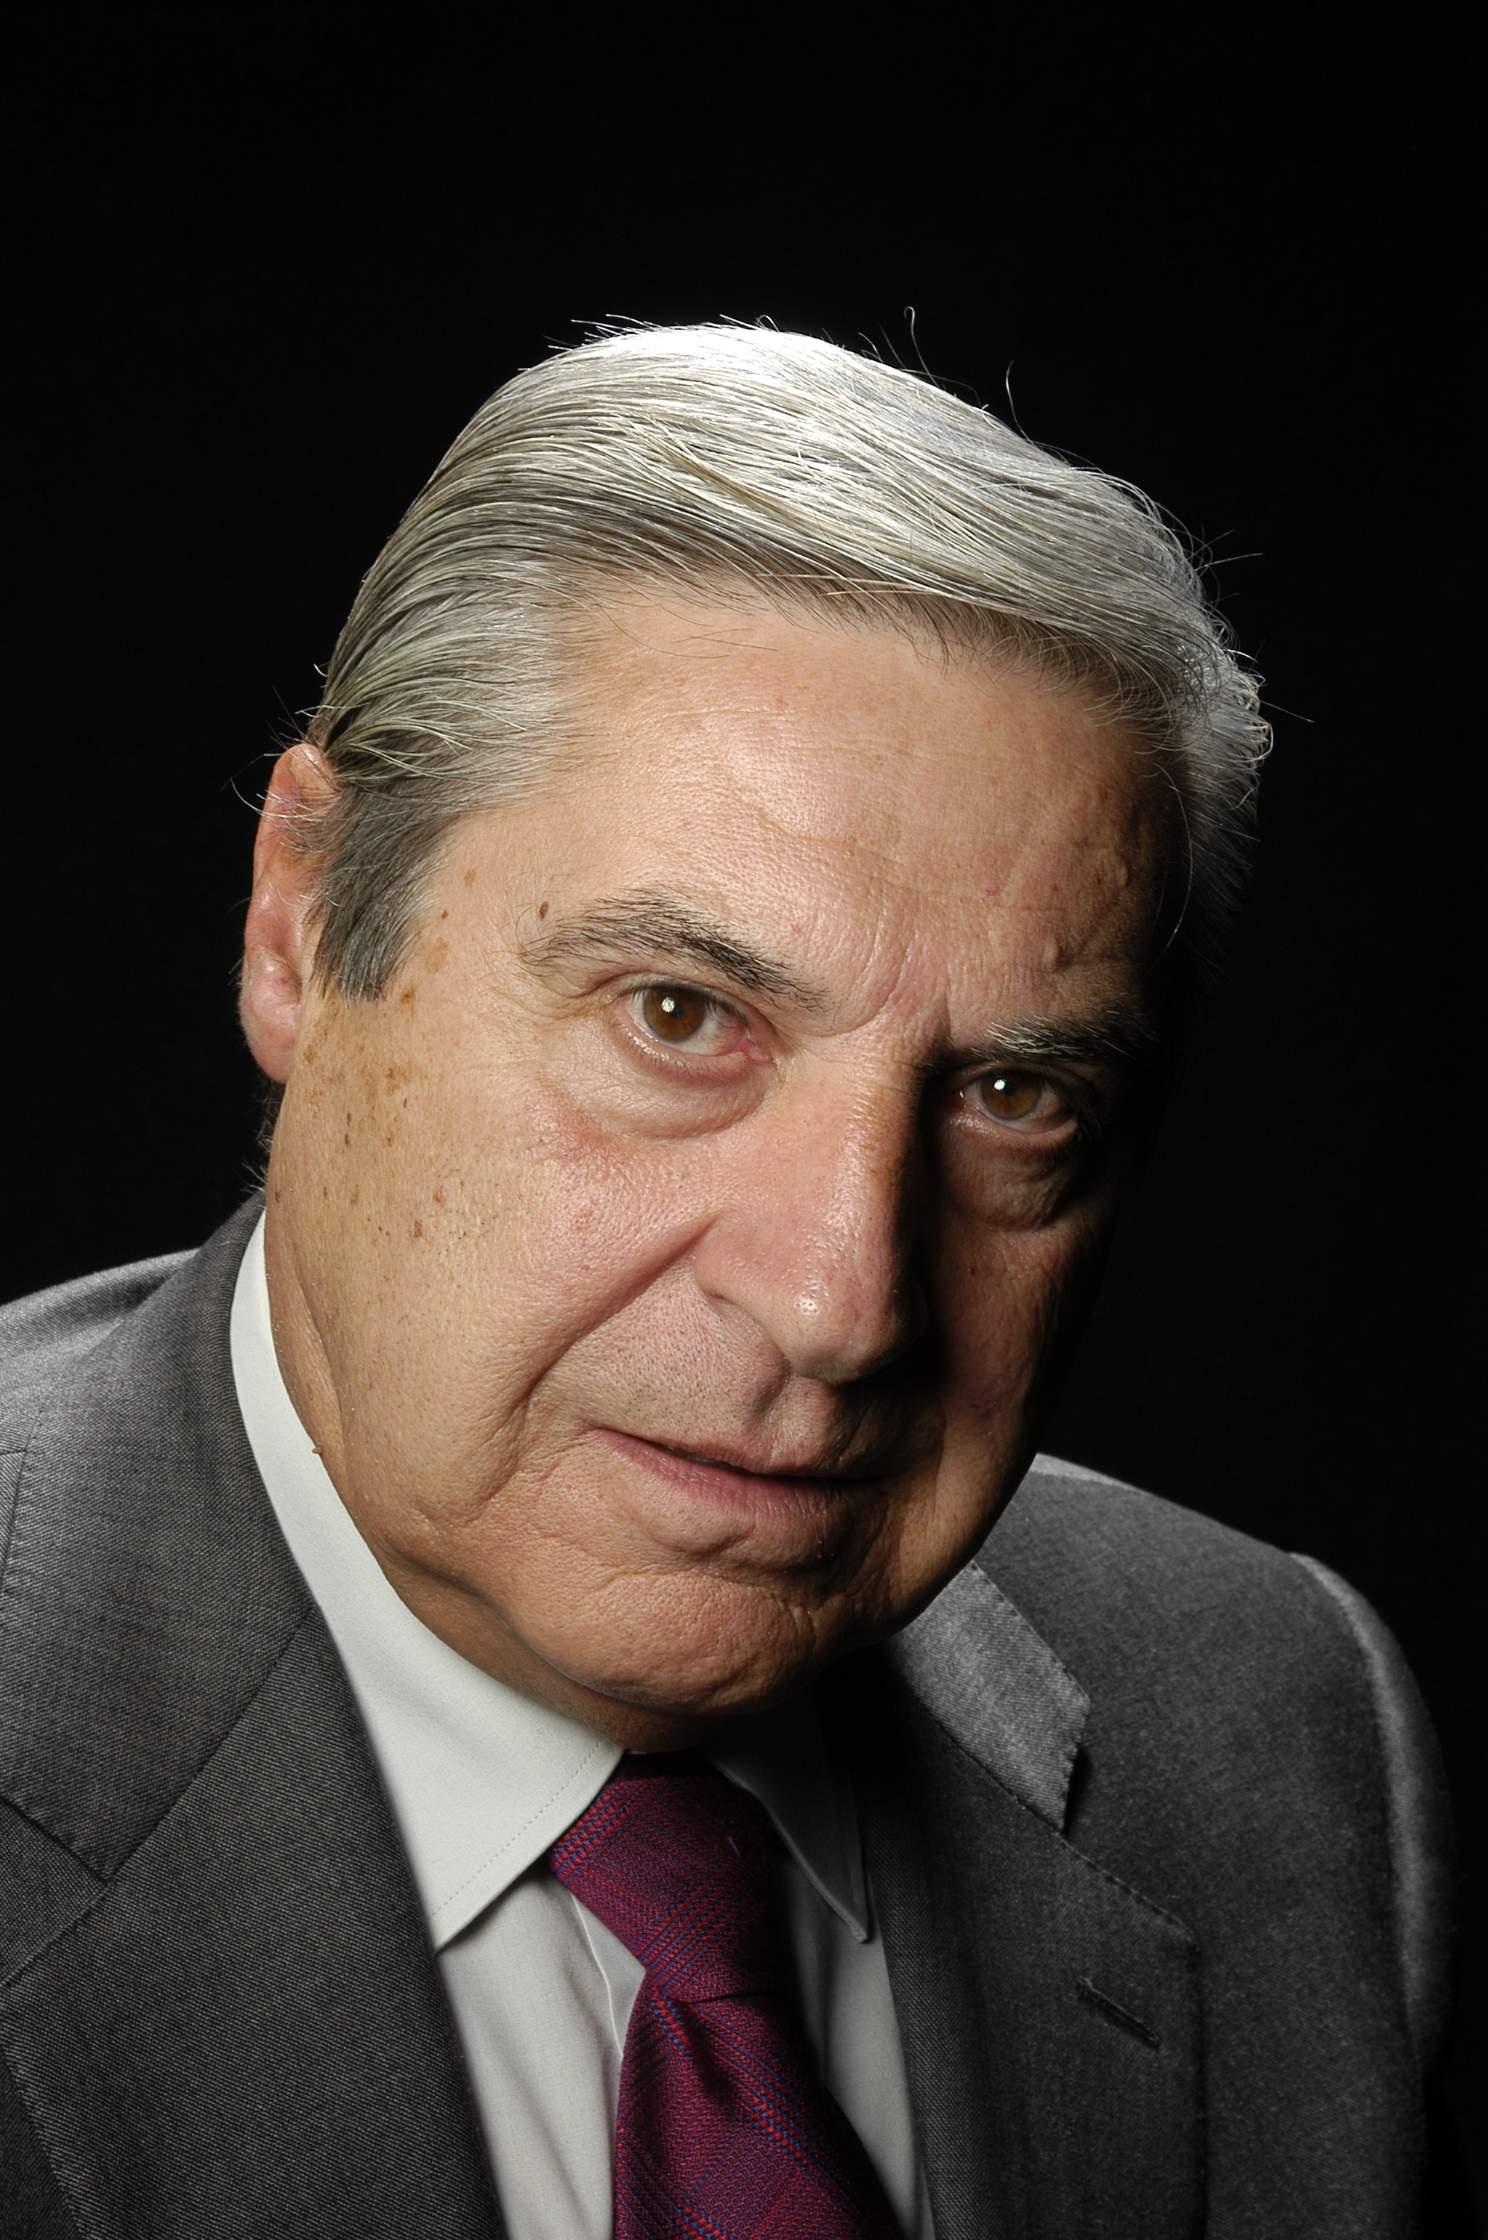 Dr. Jordi Bosch Torrent